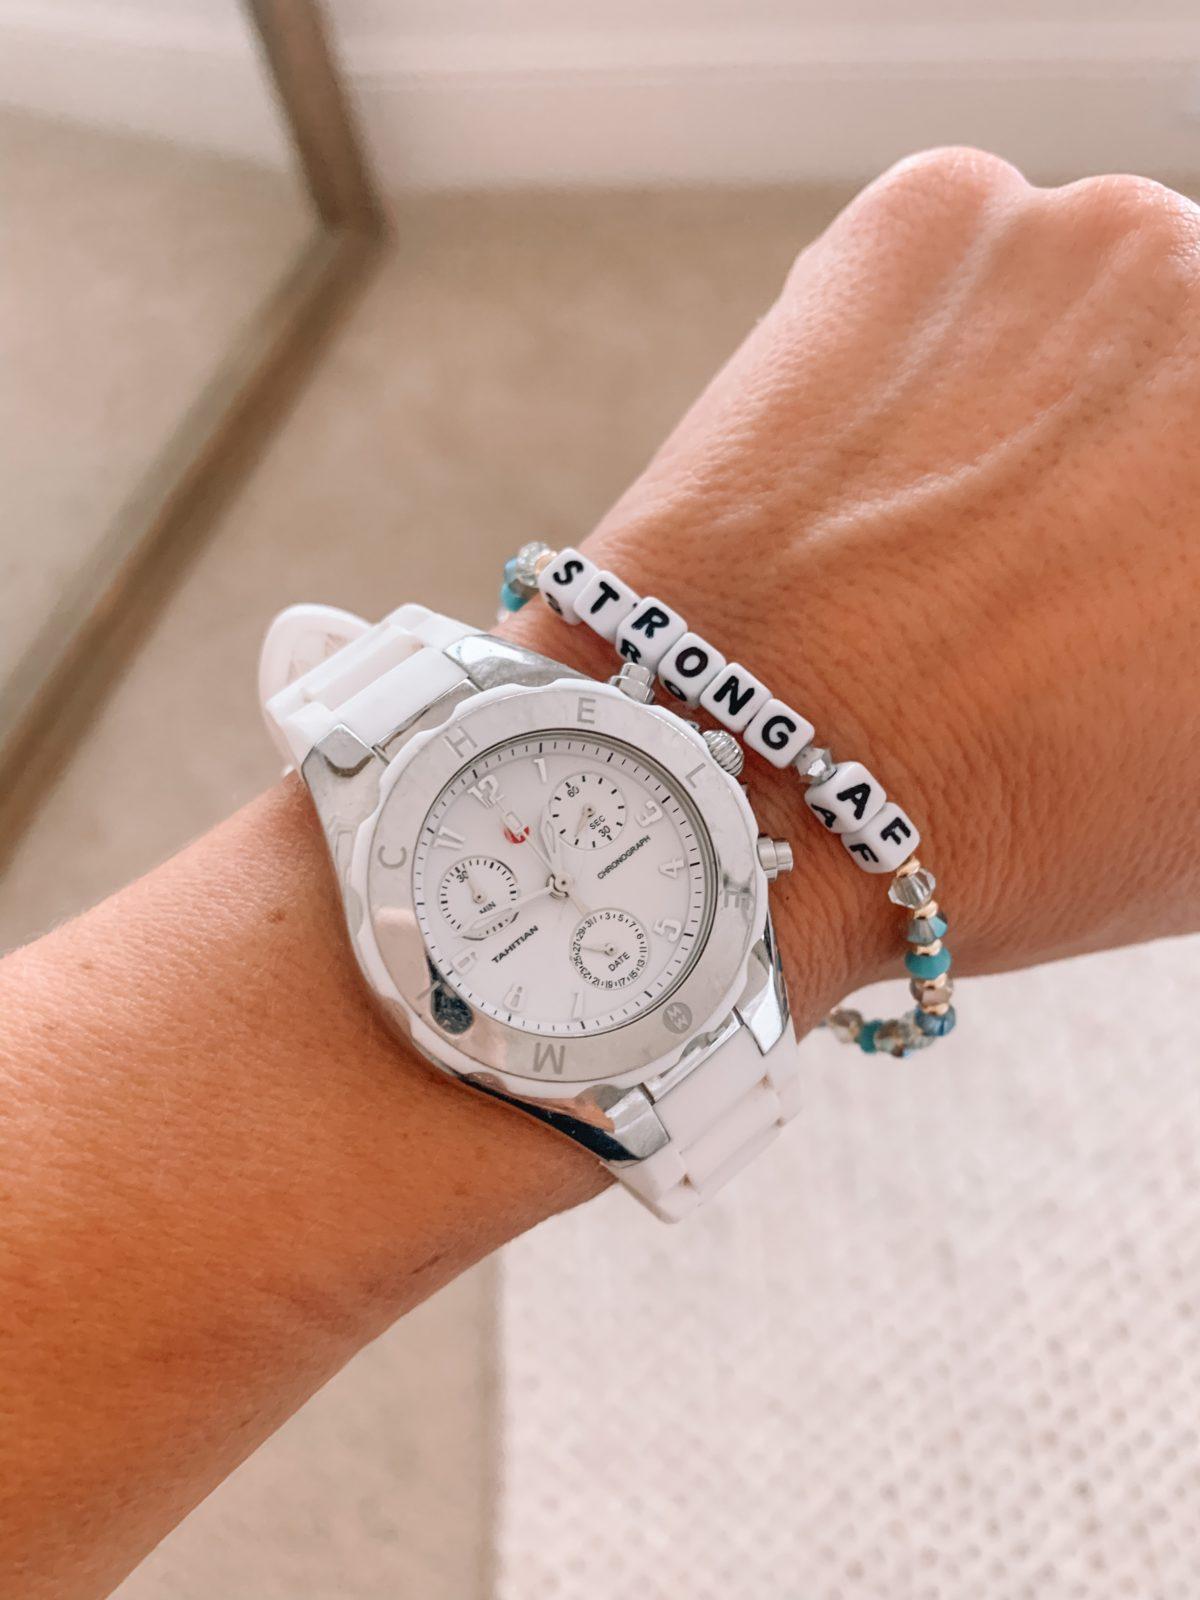 Strong AF bracelet